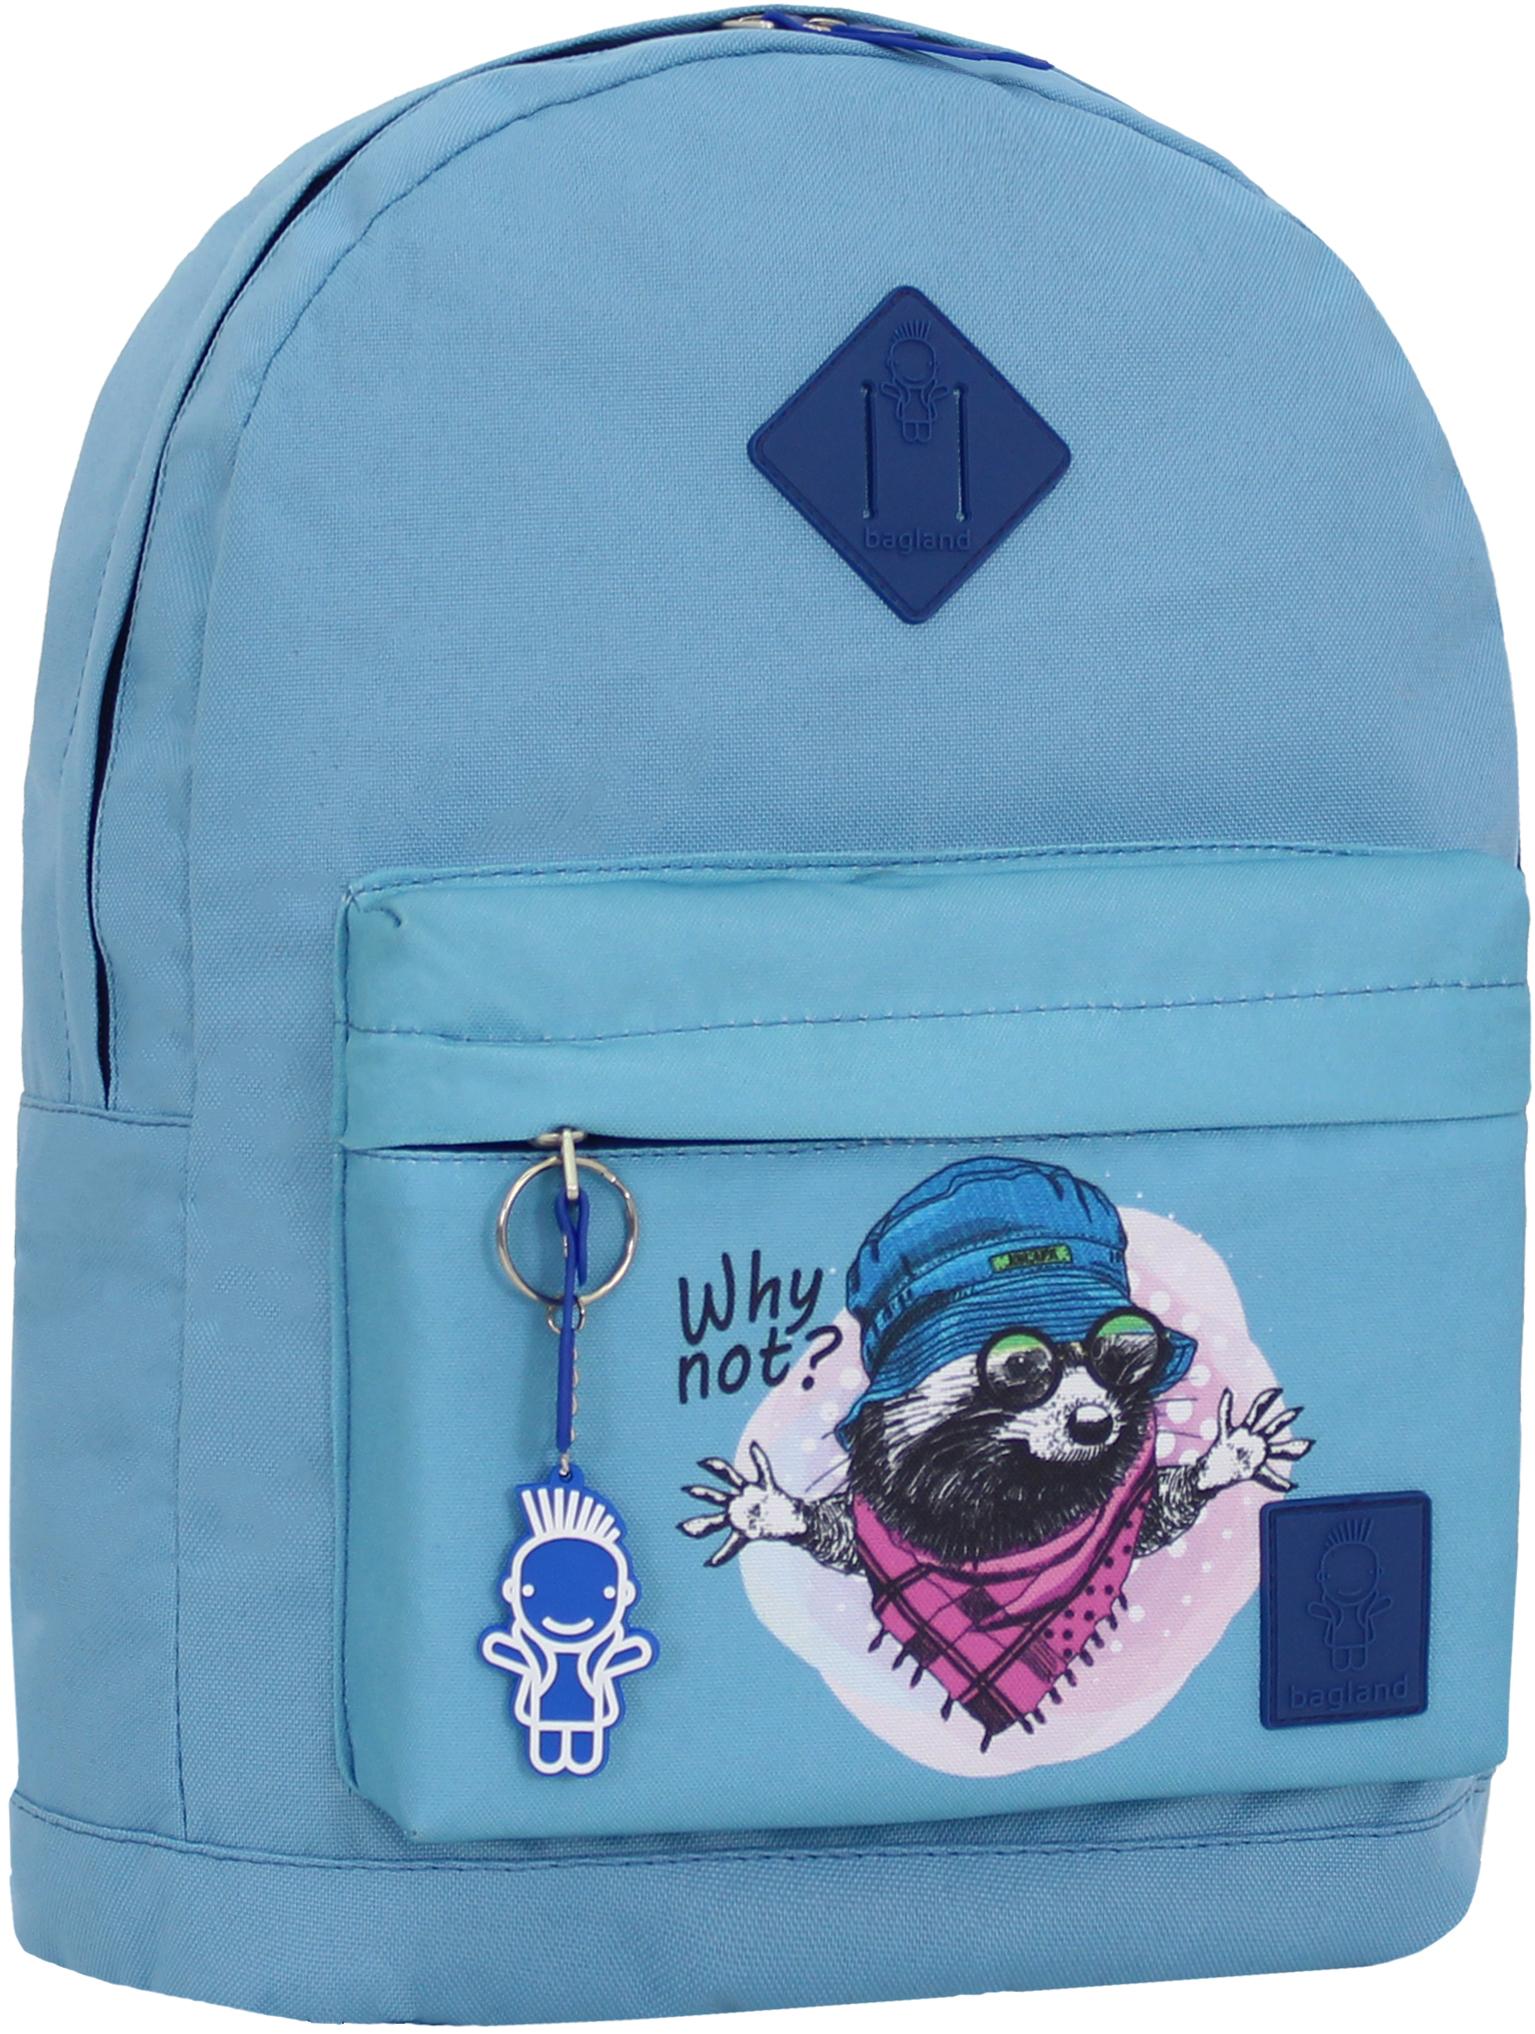 Городские рюкзаки Рюкзак Bagland Молодежный W/R 17 л. голубой 267к (00533662) IMG_0834_267к.JPG